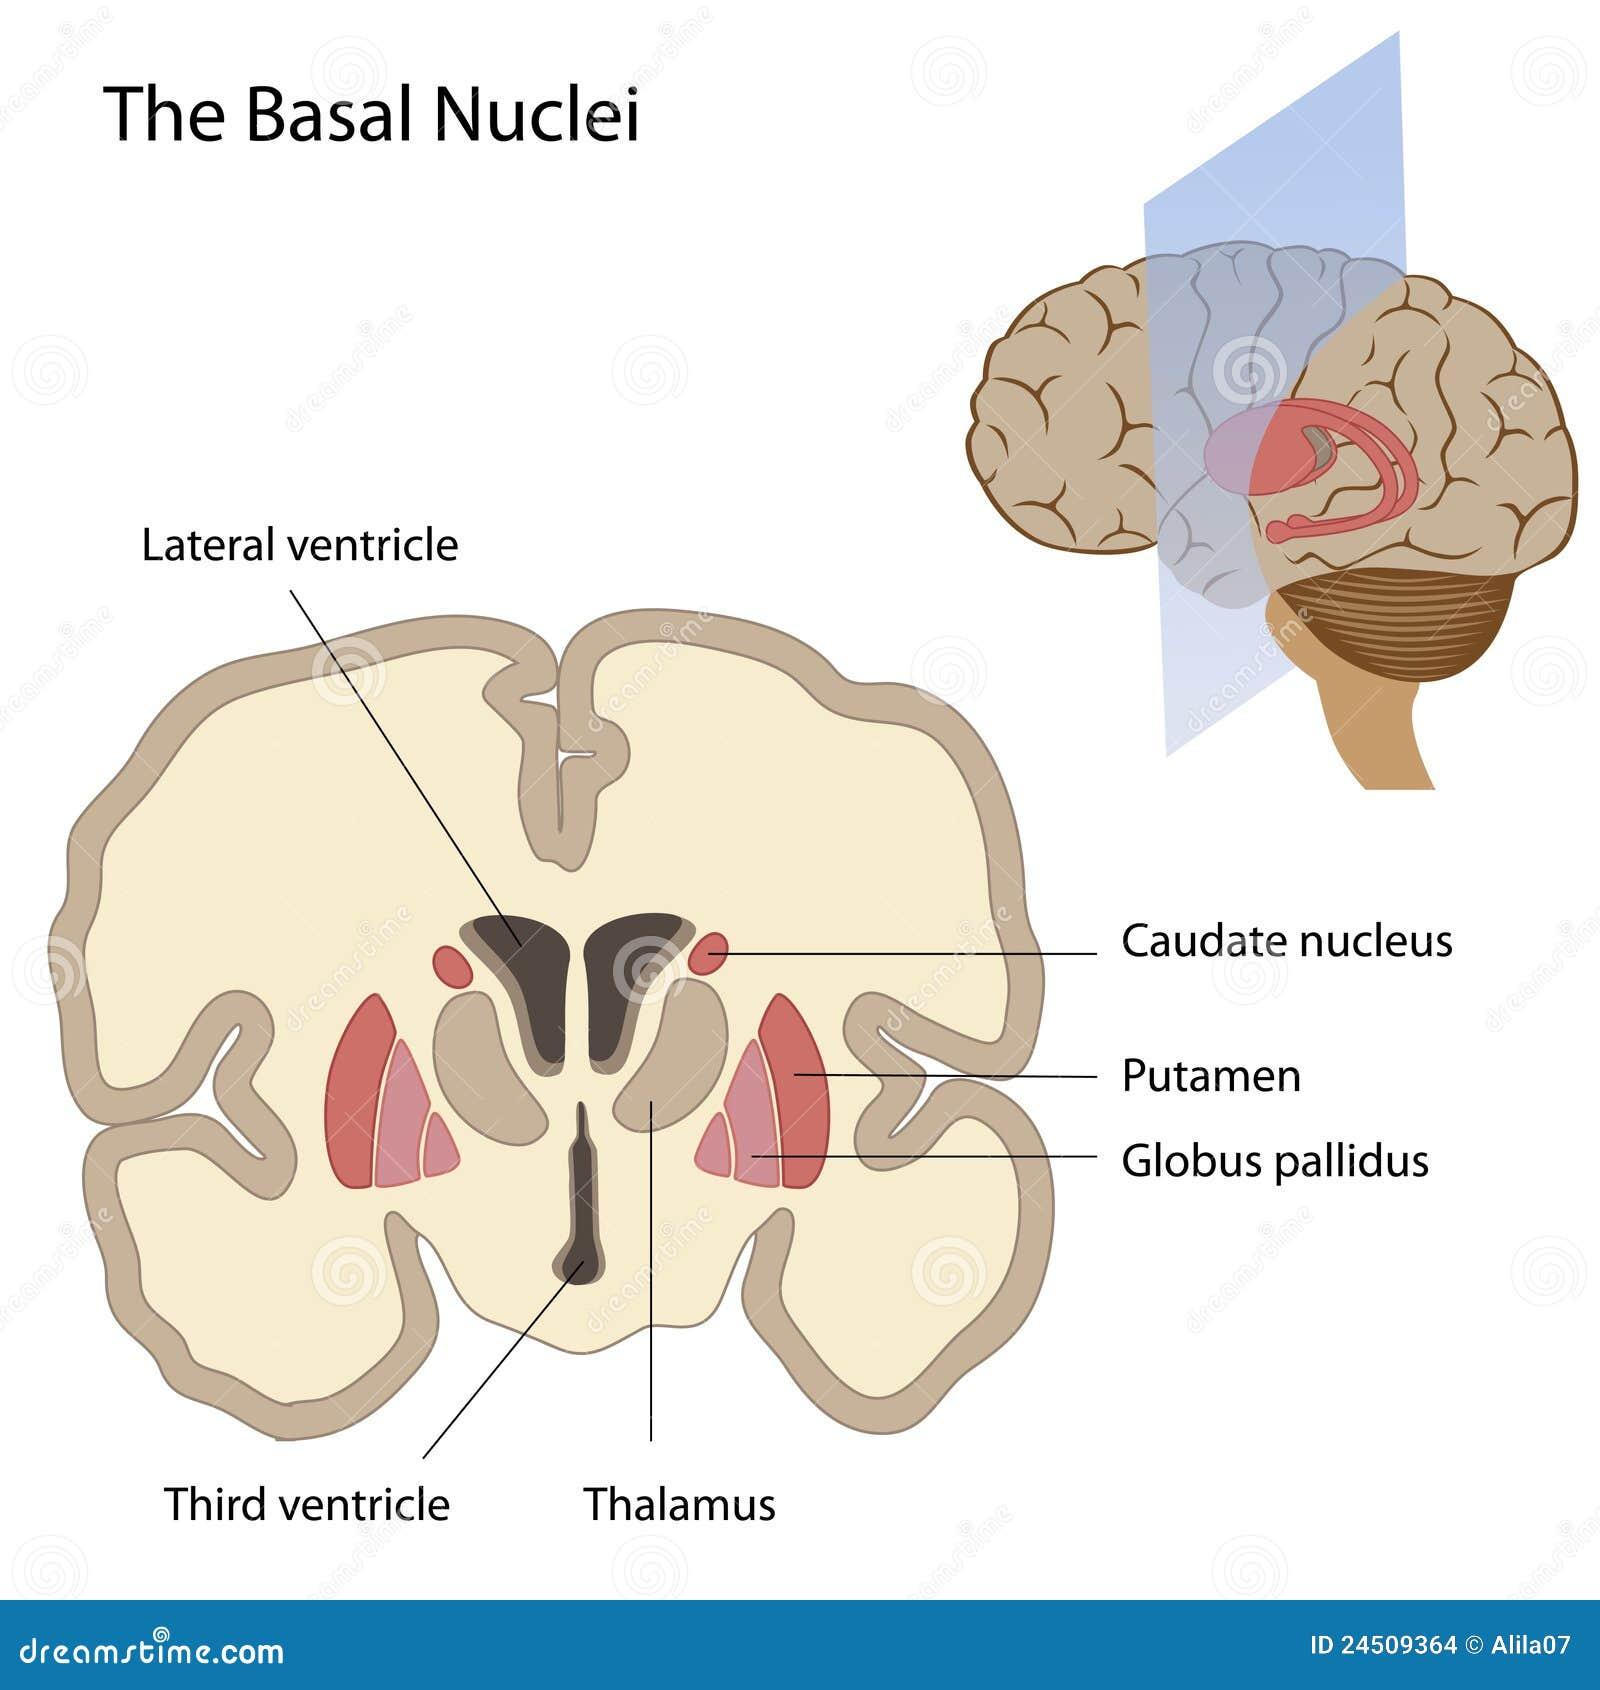 Les noyaux basiques du cerveau